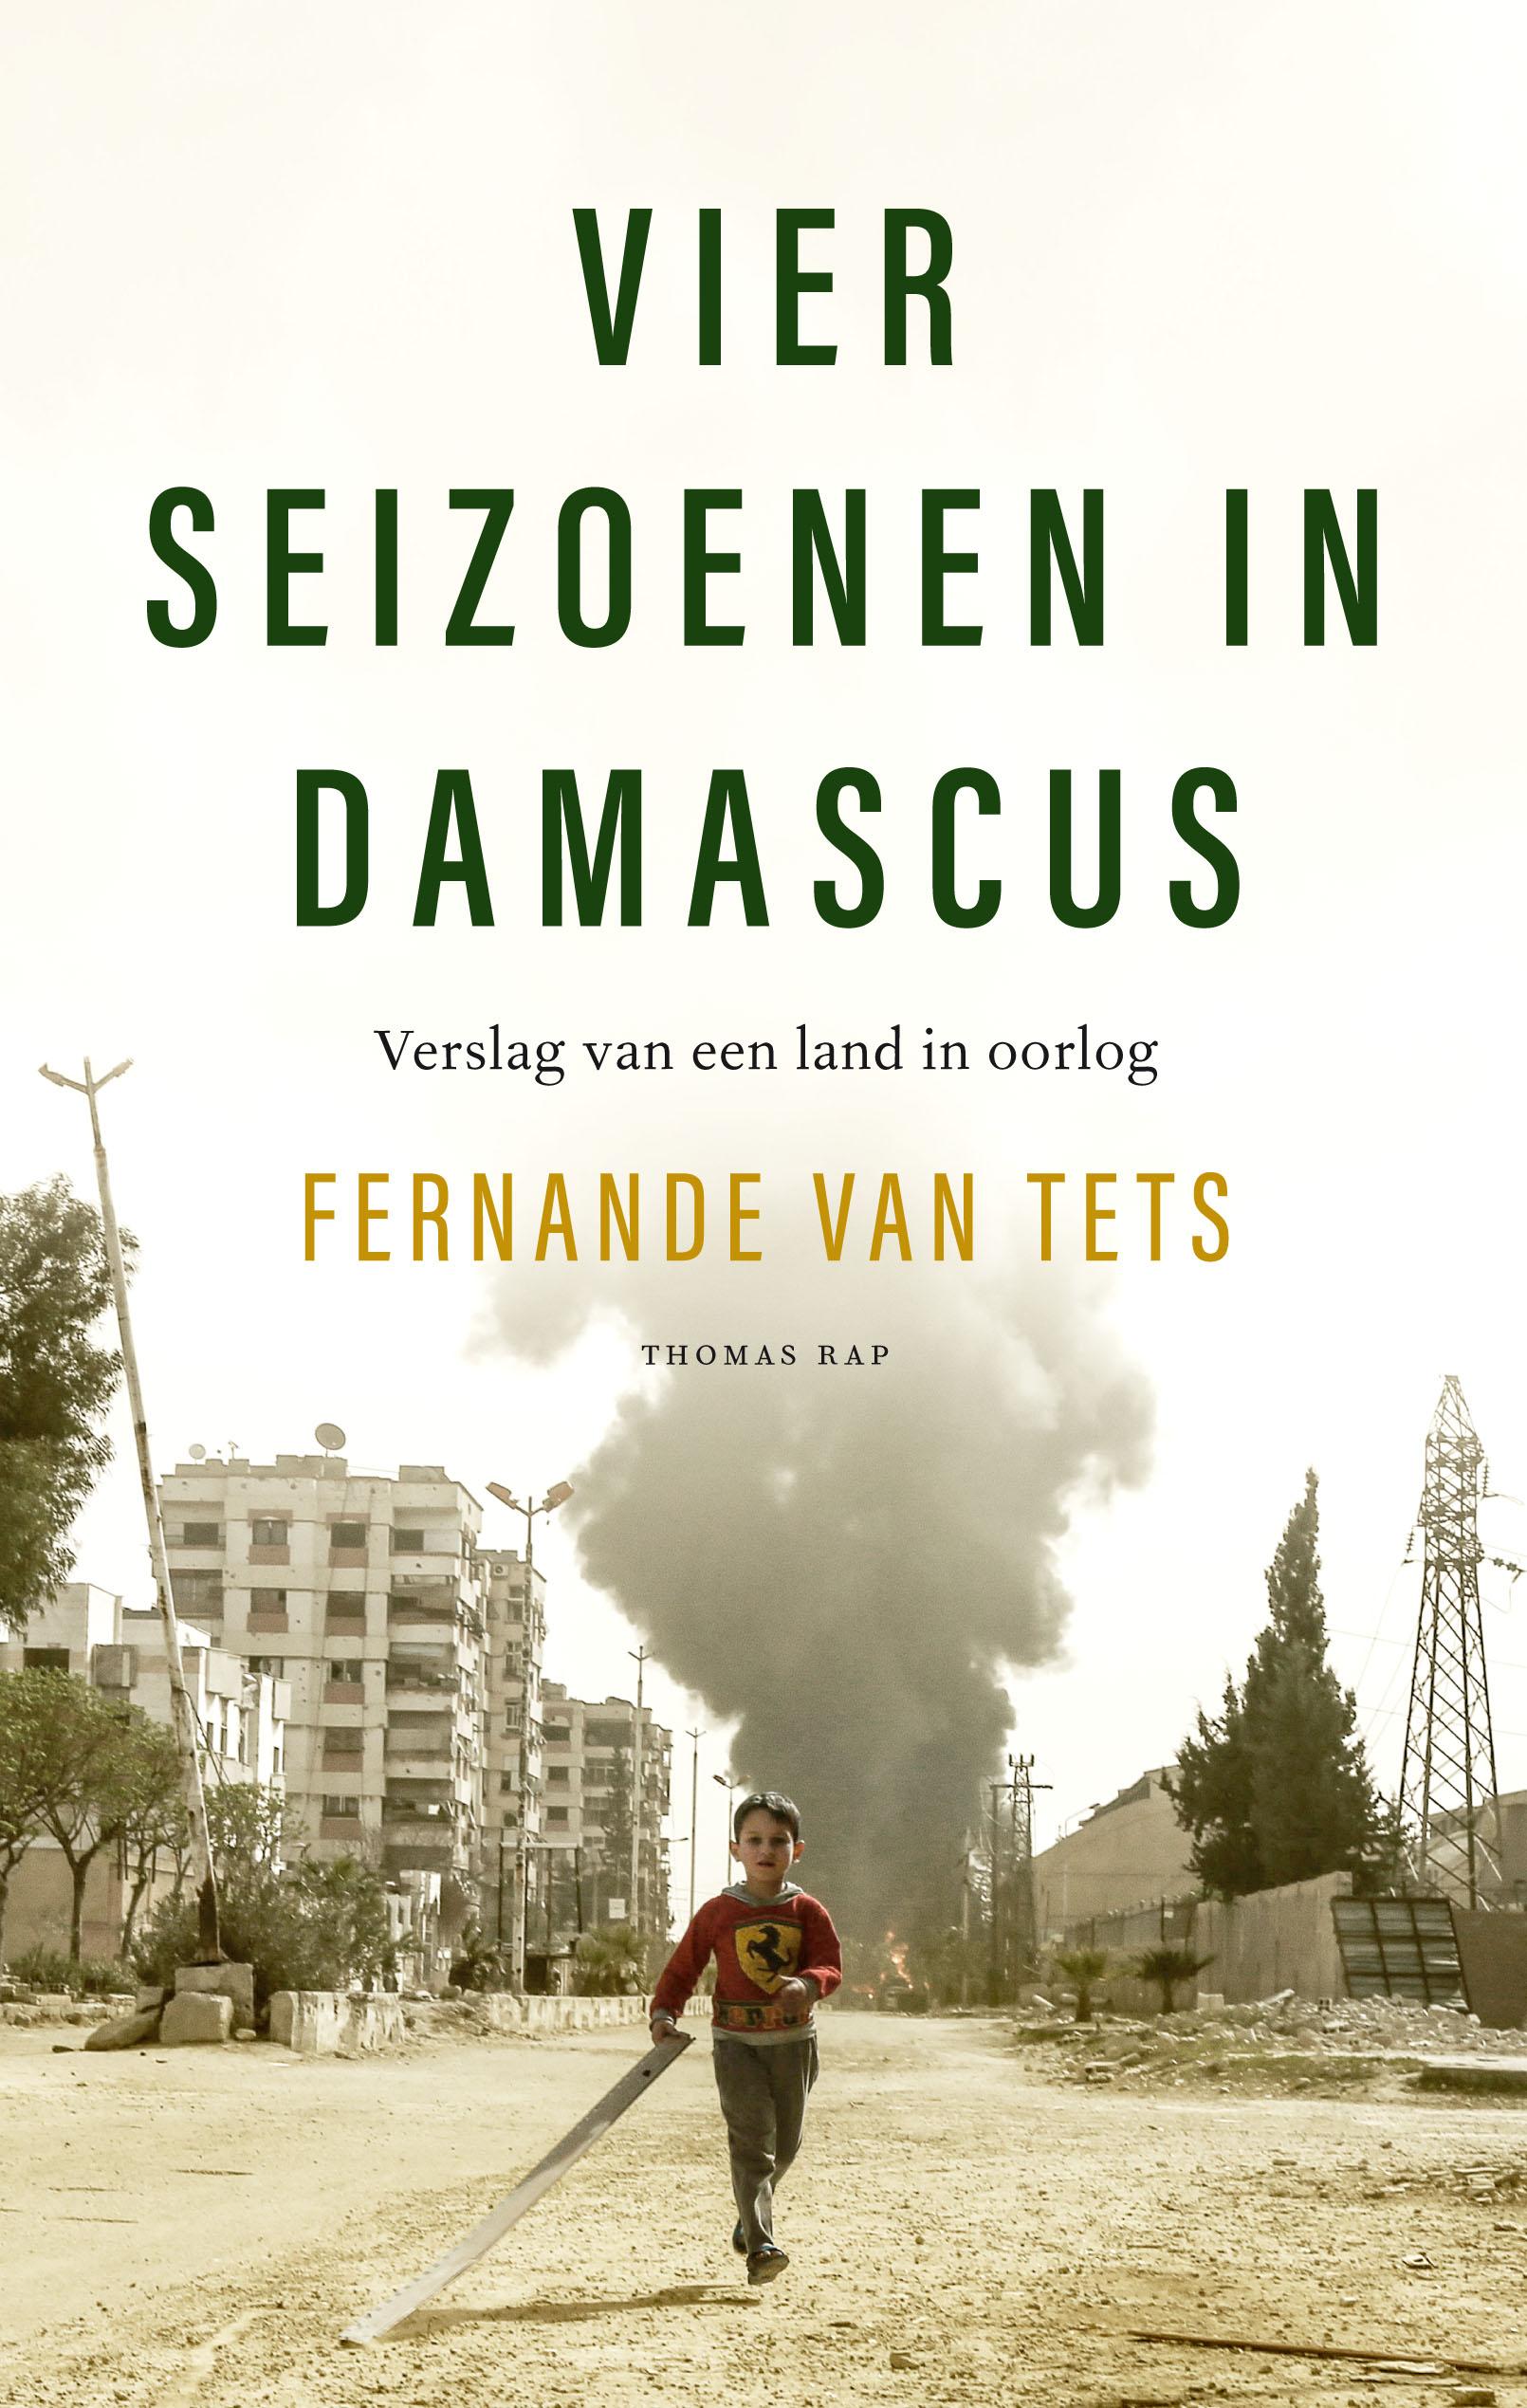 Vier seizoenen in Damascus